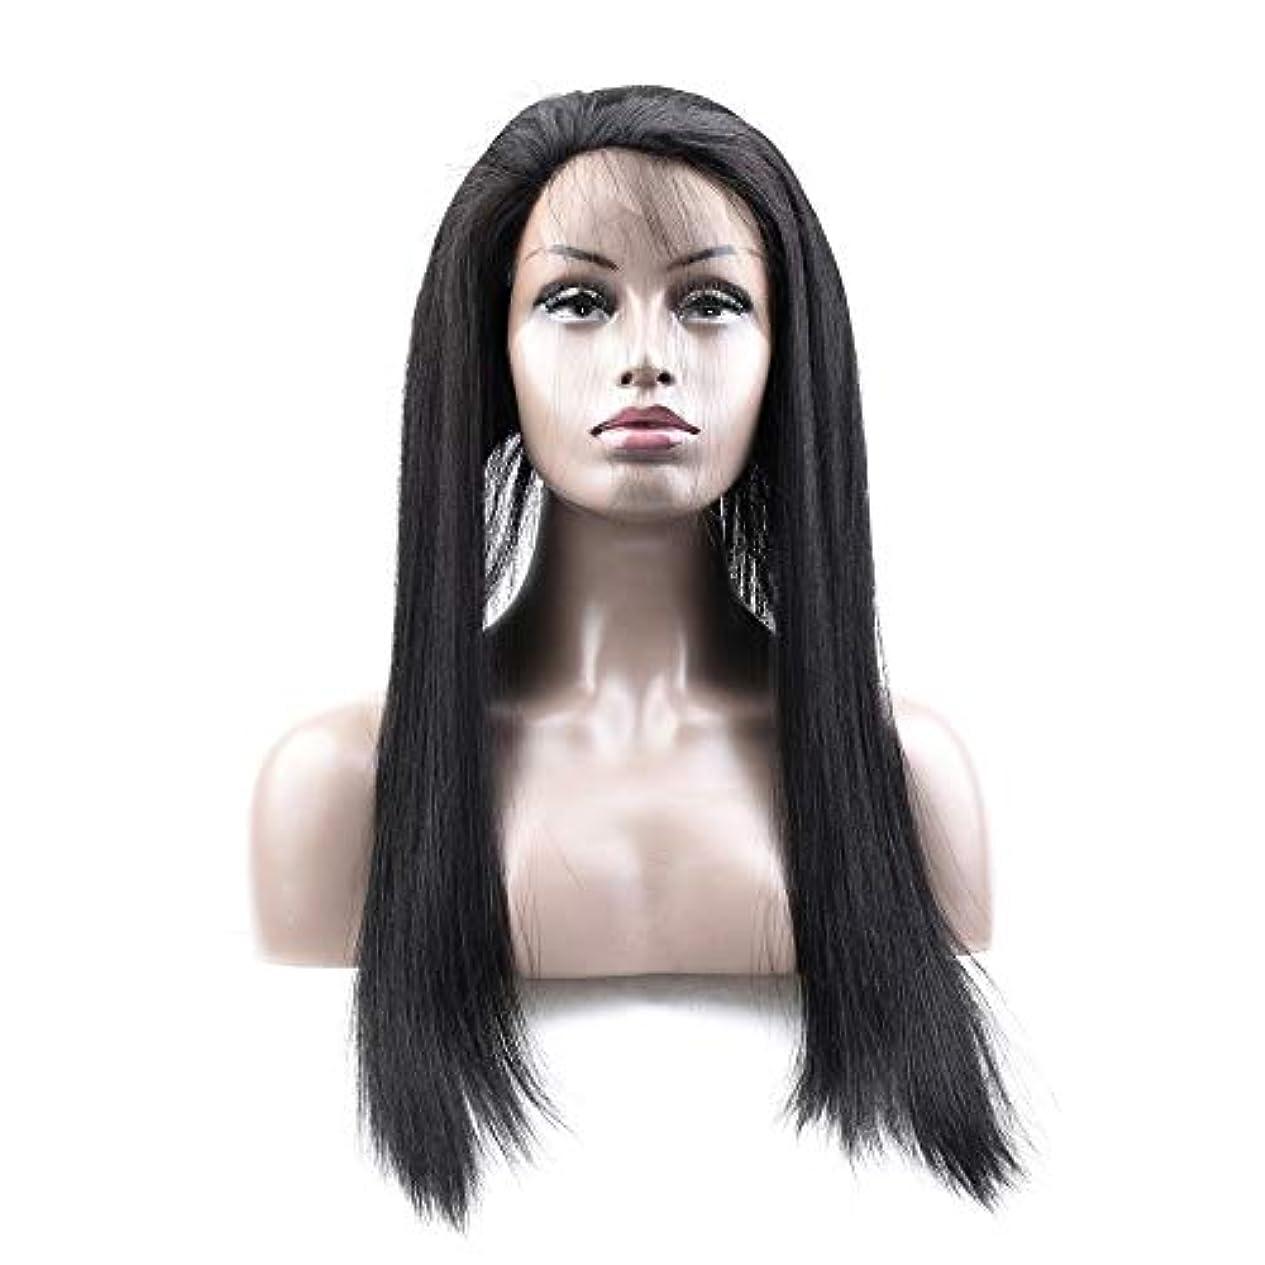 砂群集モーテルJULYTER ブラジルの360前頭ストレート本能的な髪レース前頭閉鎖ストレート人間の髪の毛1B本能的な色 (色 : 黒, サイズ : 14 inch)